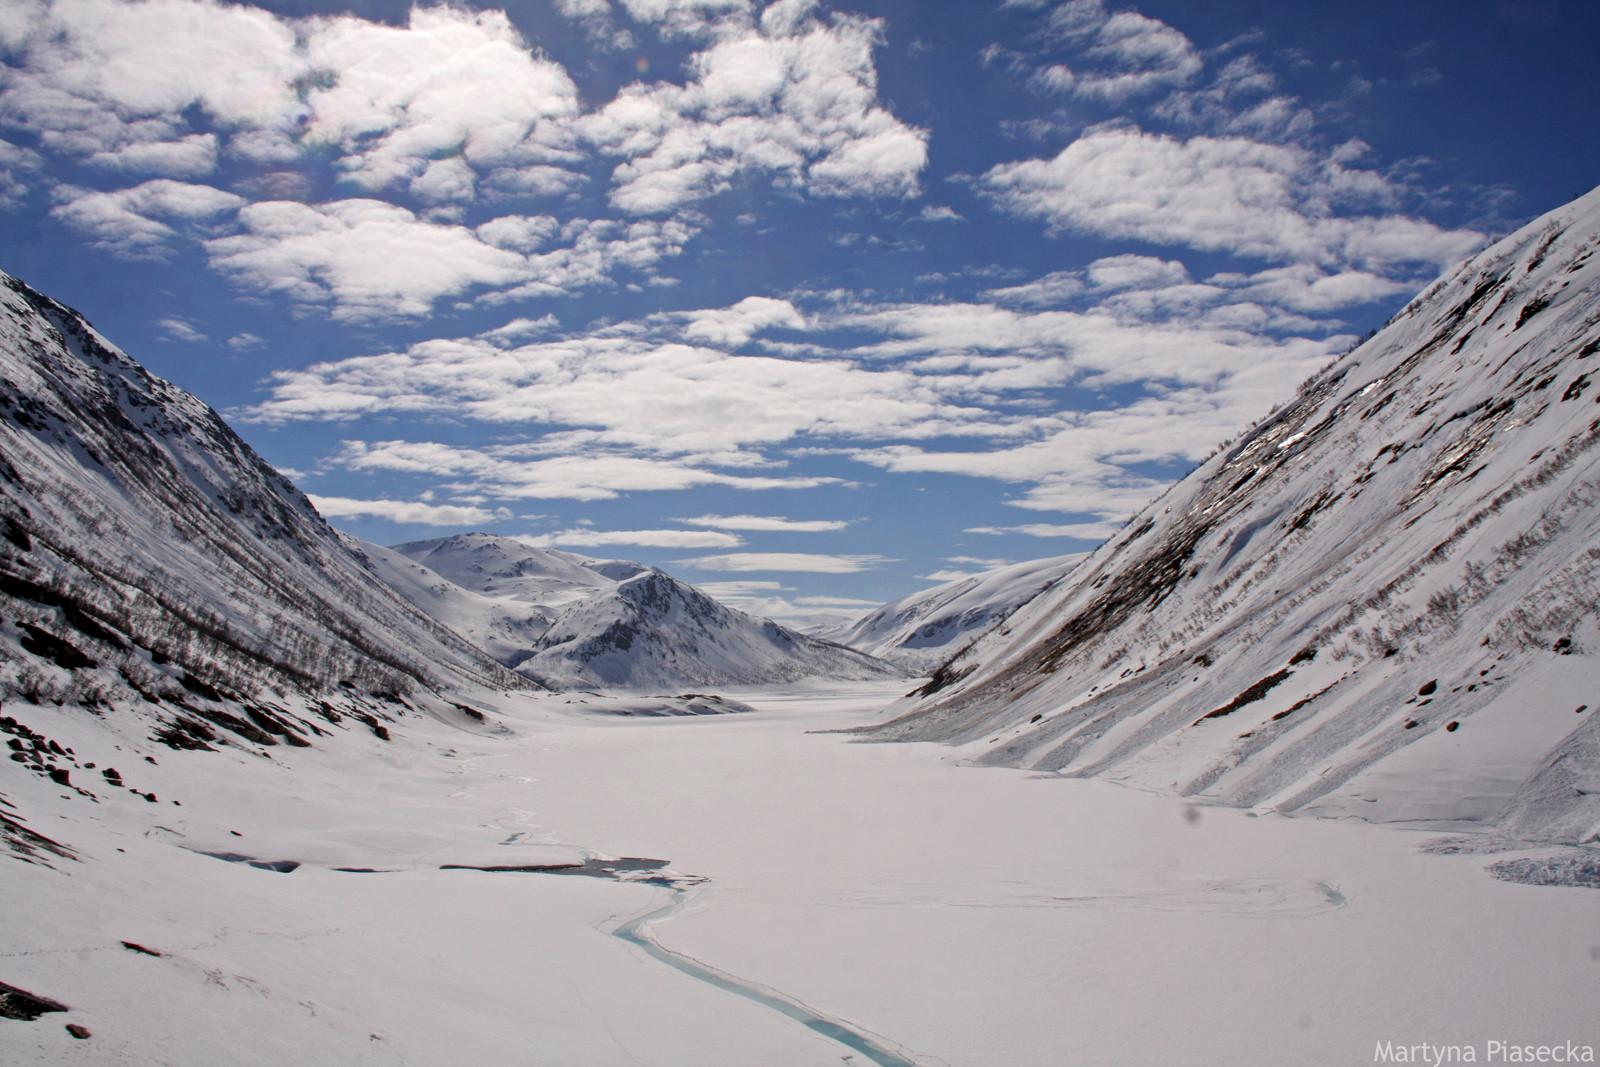 Zima w Norwegii - zdjęcia z północy kraju - foto Martyna Piasecka